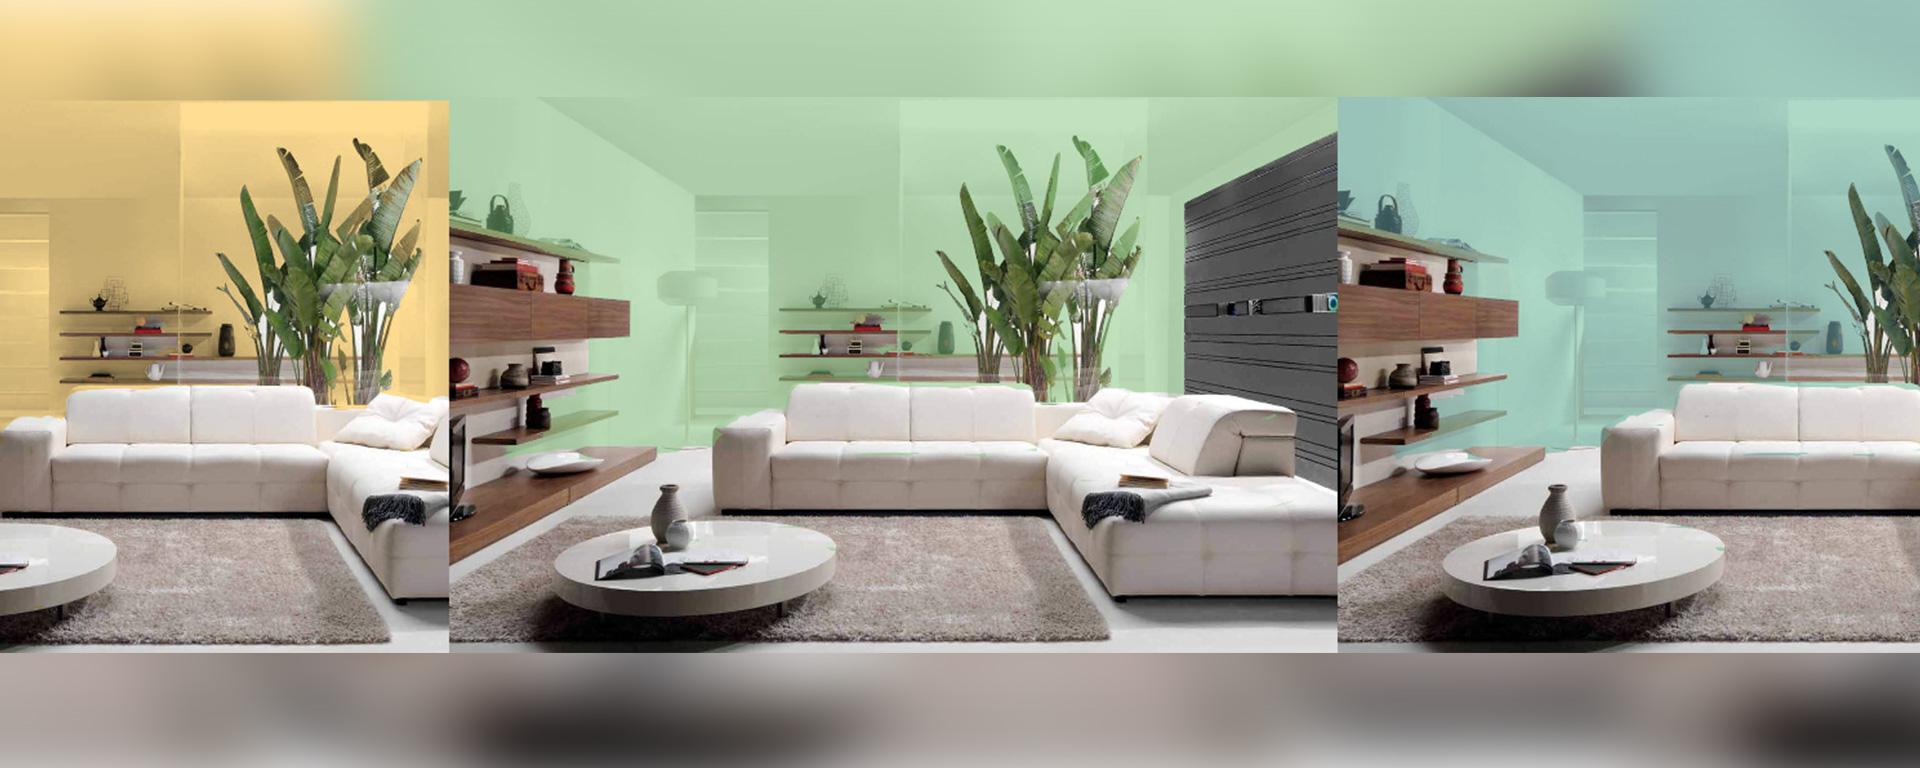 Simulatore online per nuovi colori delle pareti di casa for Nuovi piani casa in inghilterra